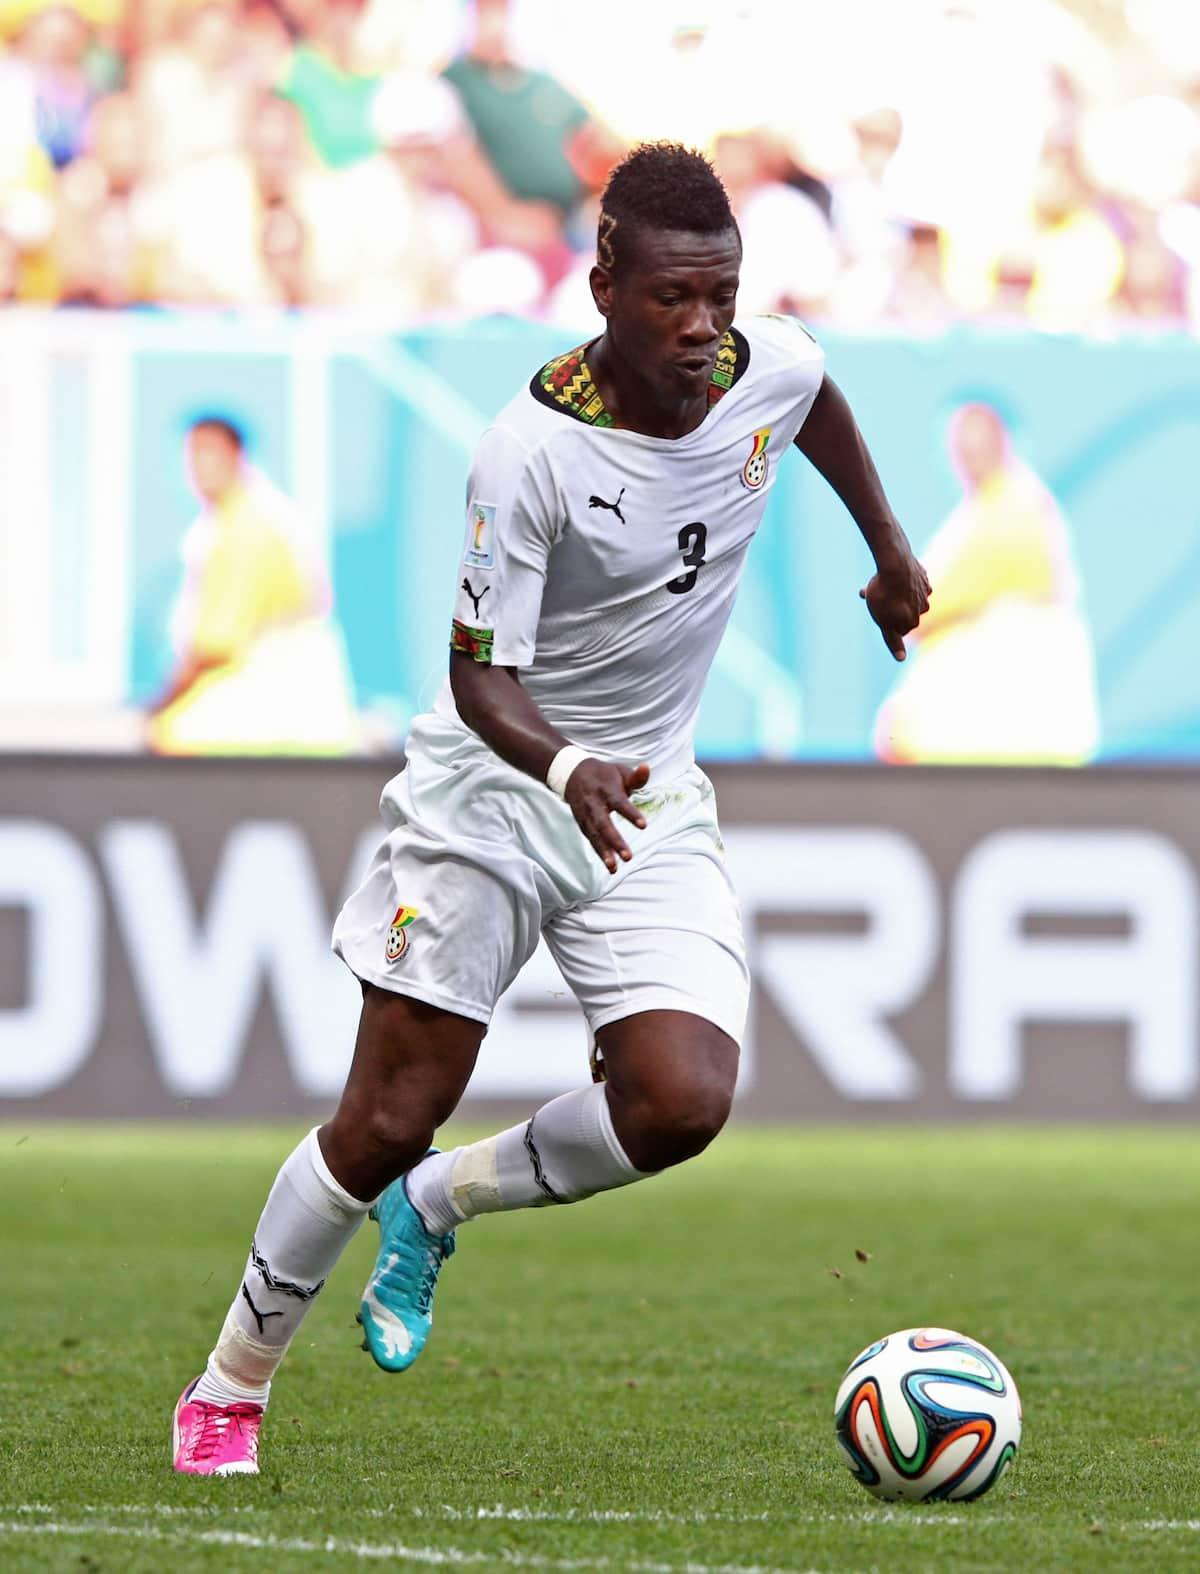 Former Sunderland striker and Ghana legend Asamoah Gyan reportedly goes bankrupt